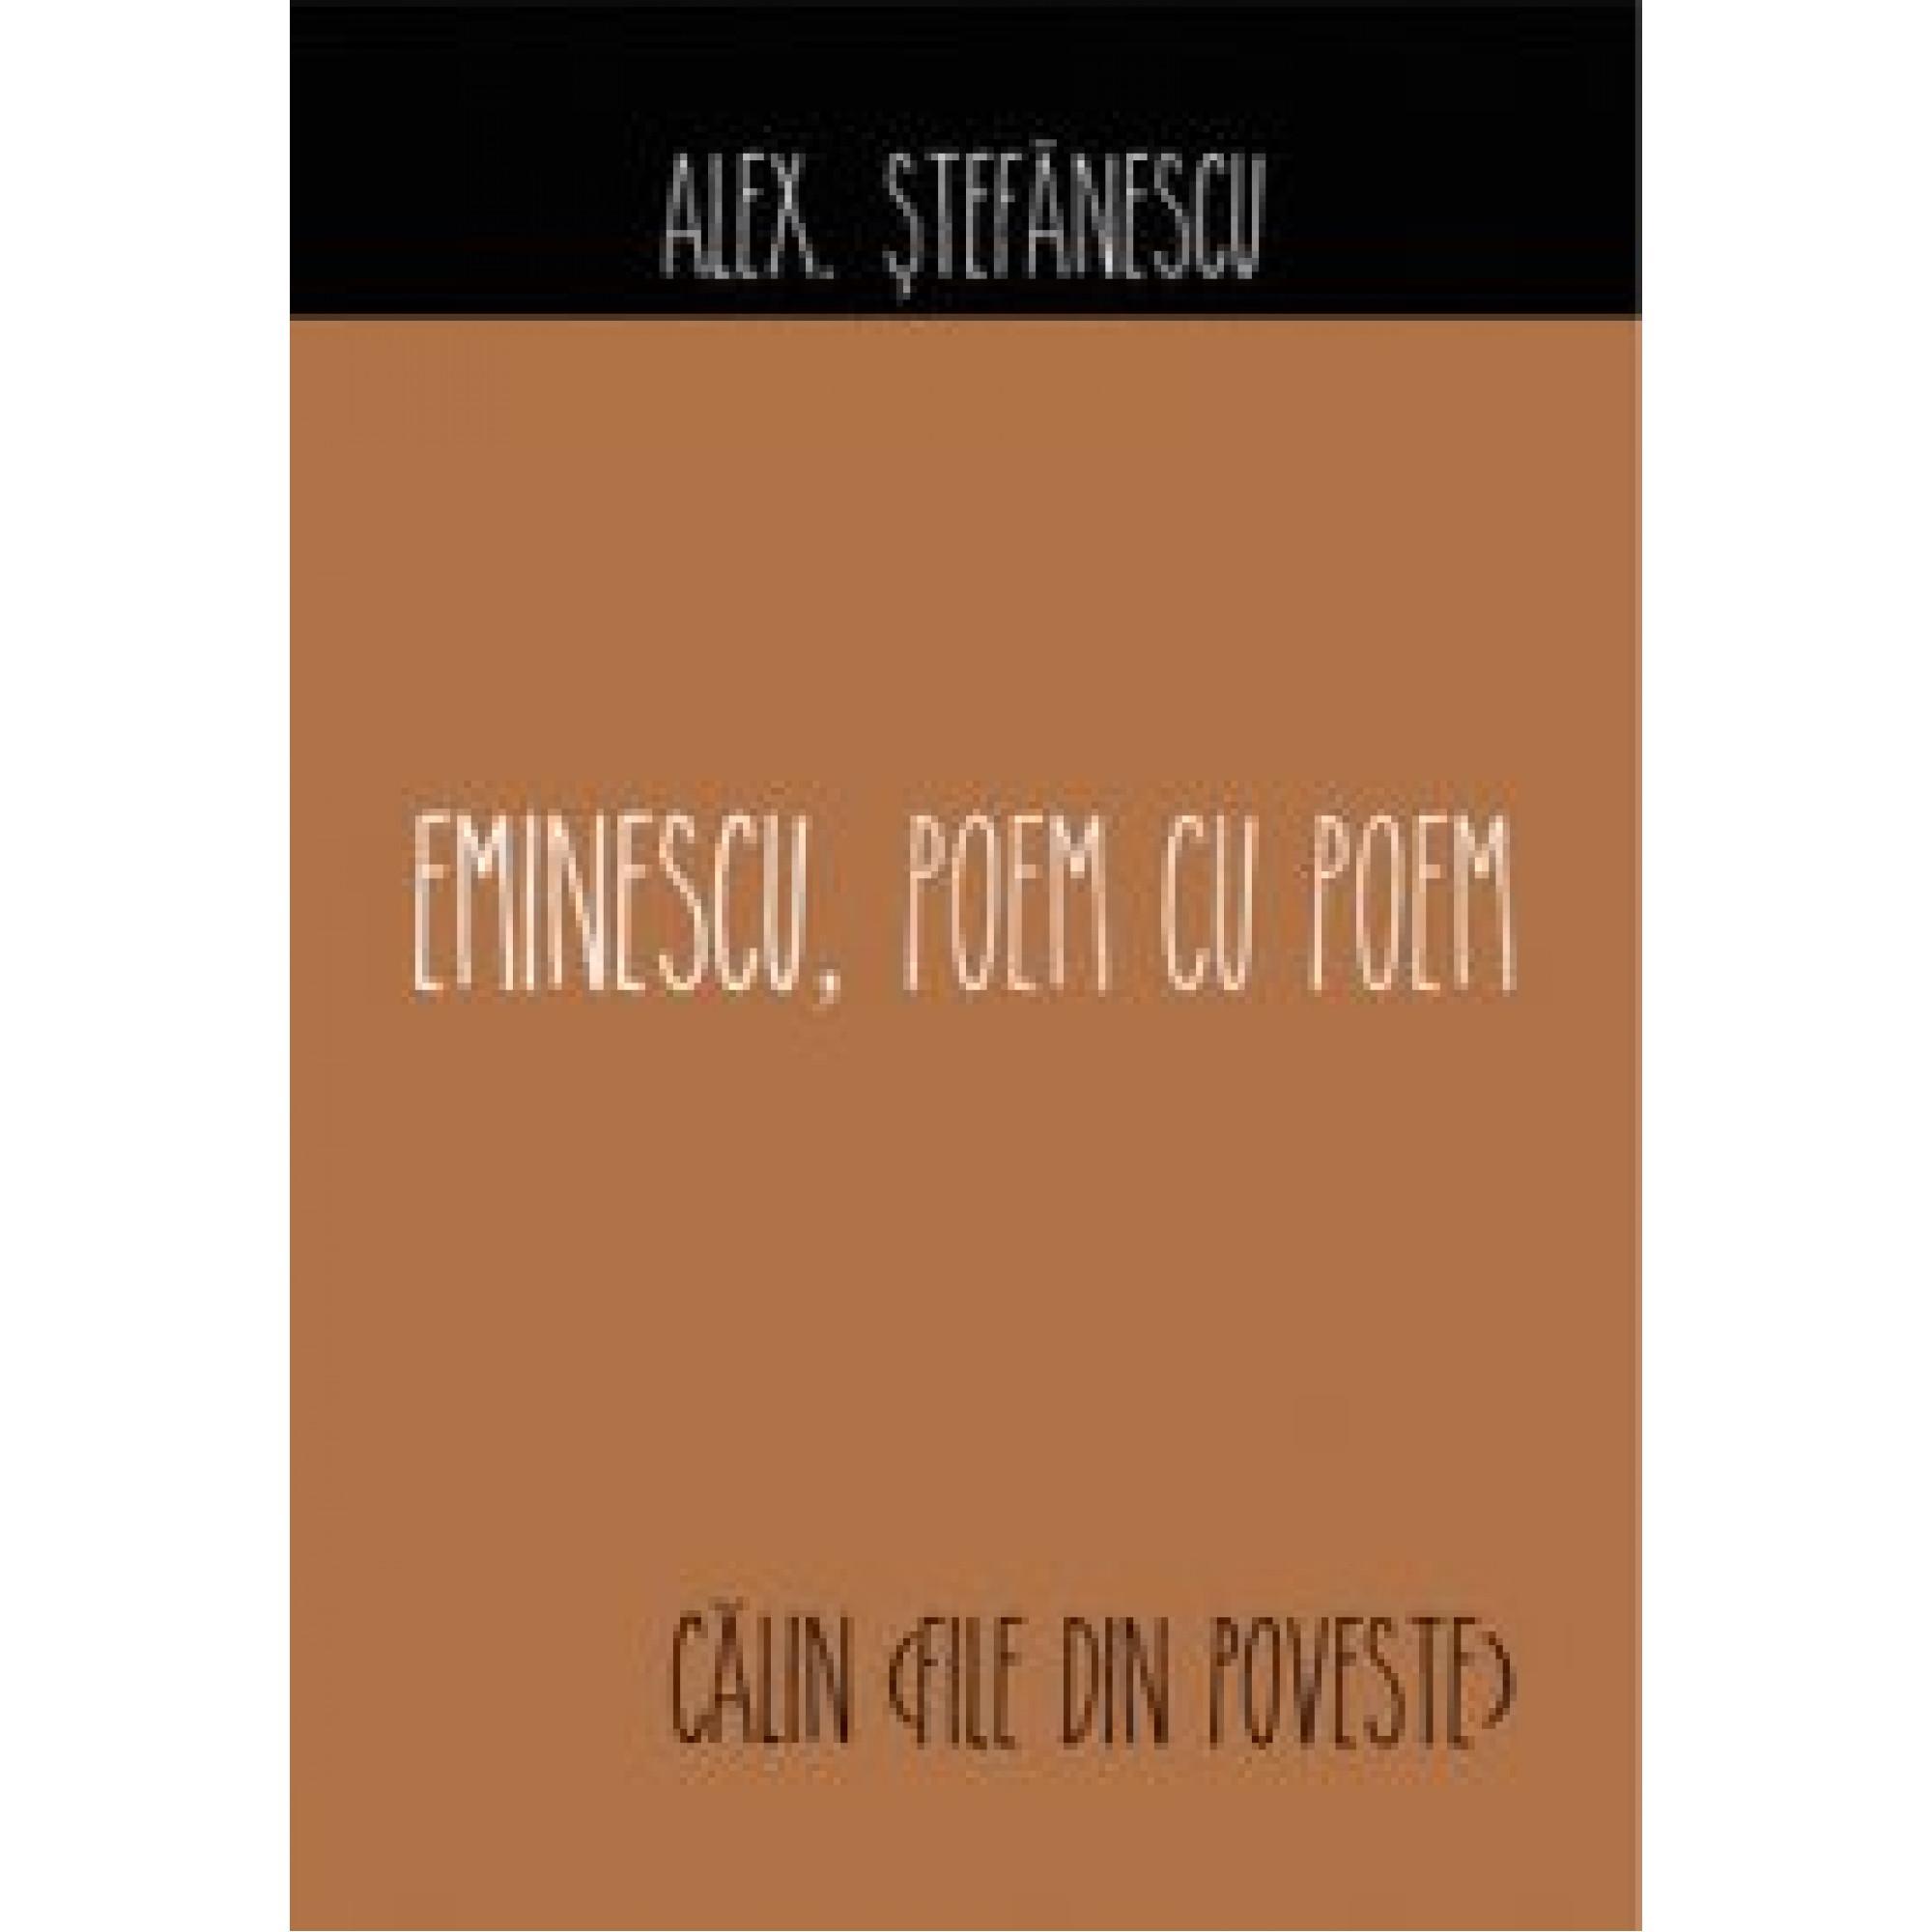 Eminescu, poem cu poem. Călin (file din poveste); Alex. Ștefănescu